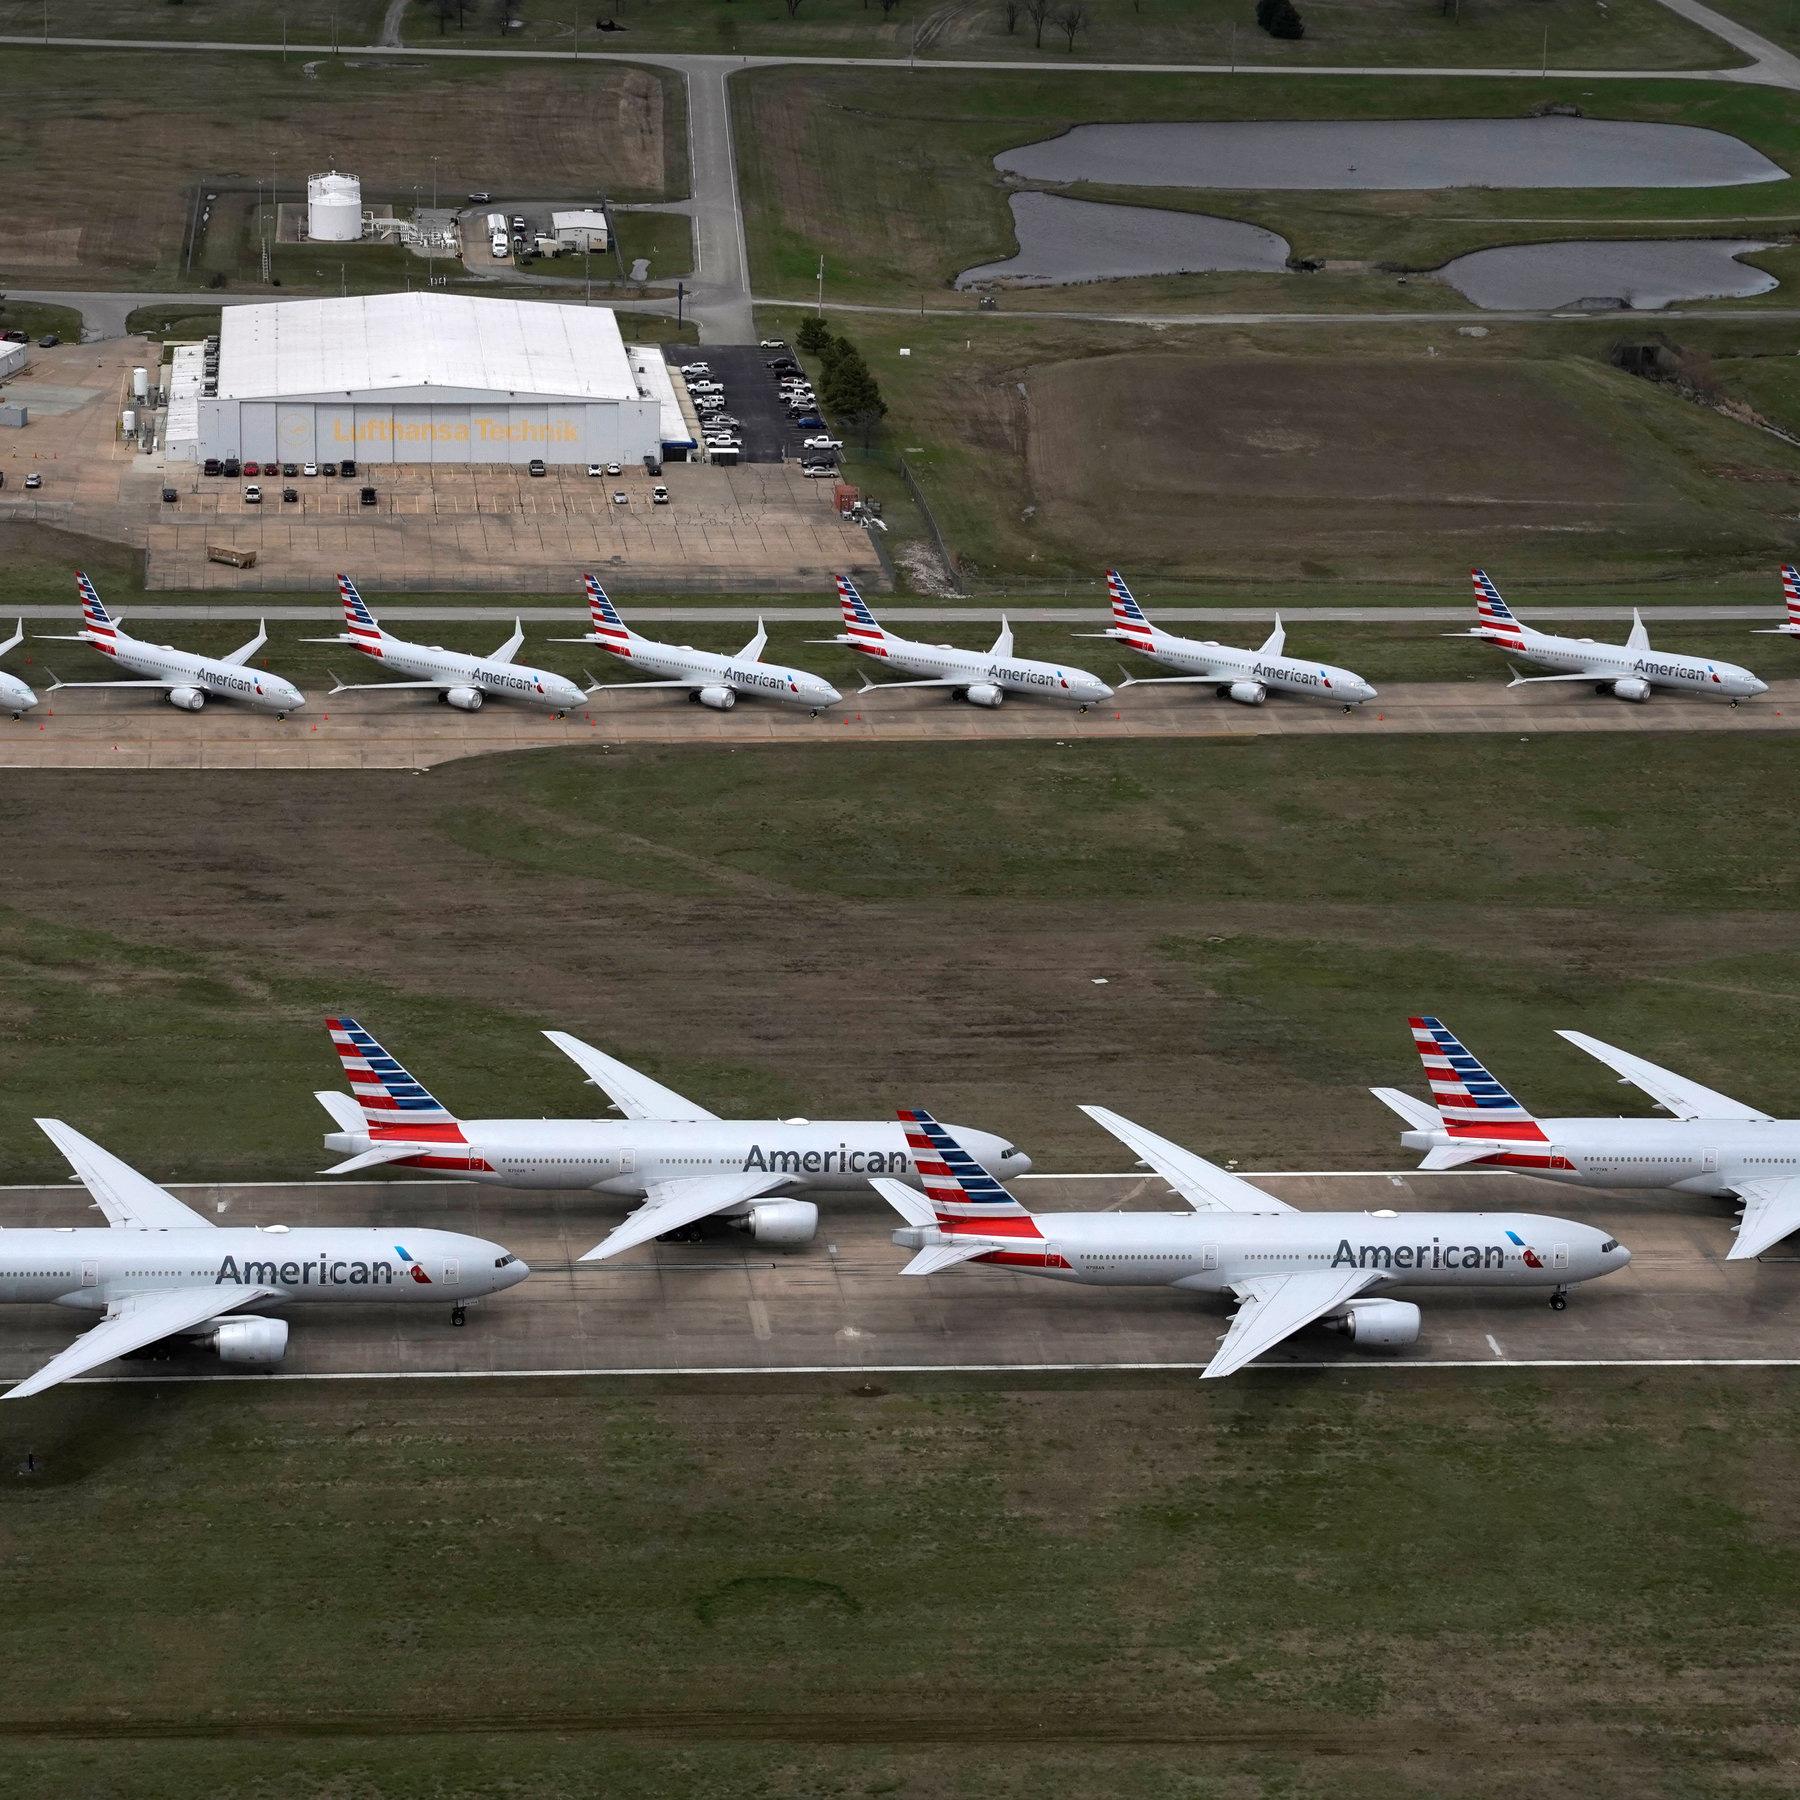 """American Airlines """"đắng cay"""" ngừng khai thác hạm đội máy bay cũ do khủng hoảng dịch Covid-19 - Ảnh 2."""